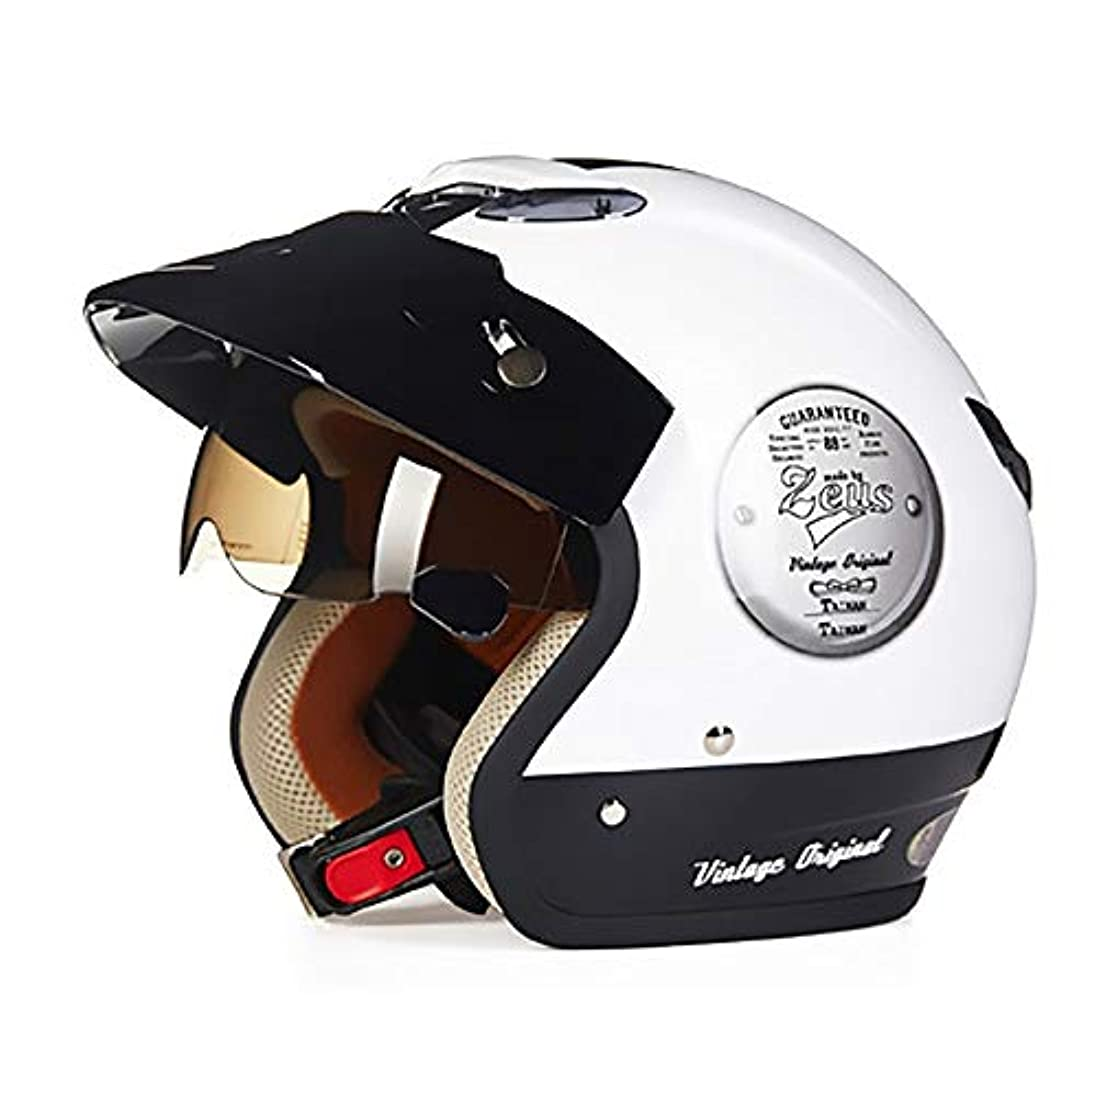 コピー動機ケントQRY 電気自動車のオートバイのヘルメットの自転車のマウンテンバイクのヘルメットの屋外の乗馬装置に乗っている明るい白黒のABS大人の自転車のヘルメット 幸せな生活 (Size : XL)